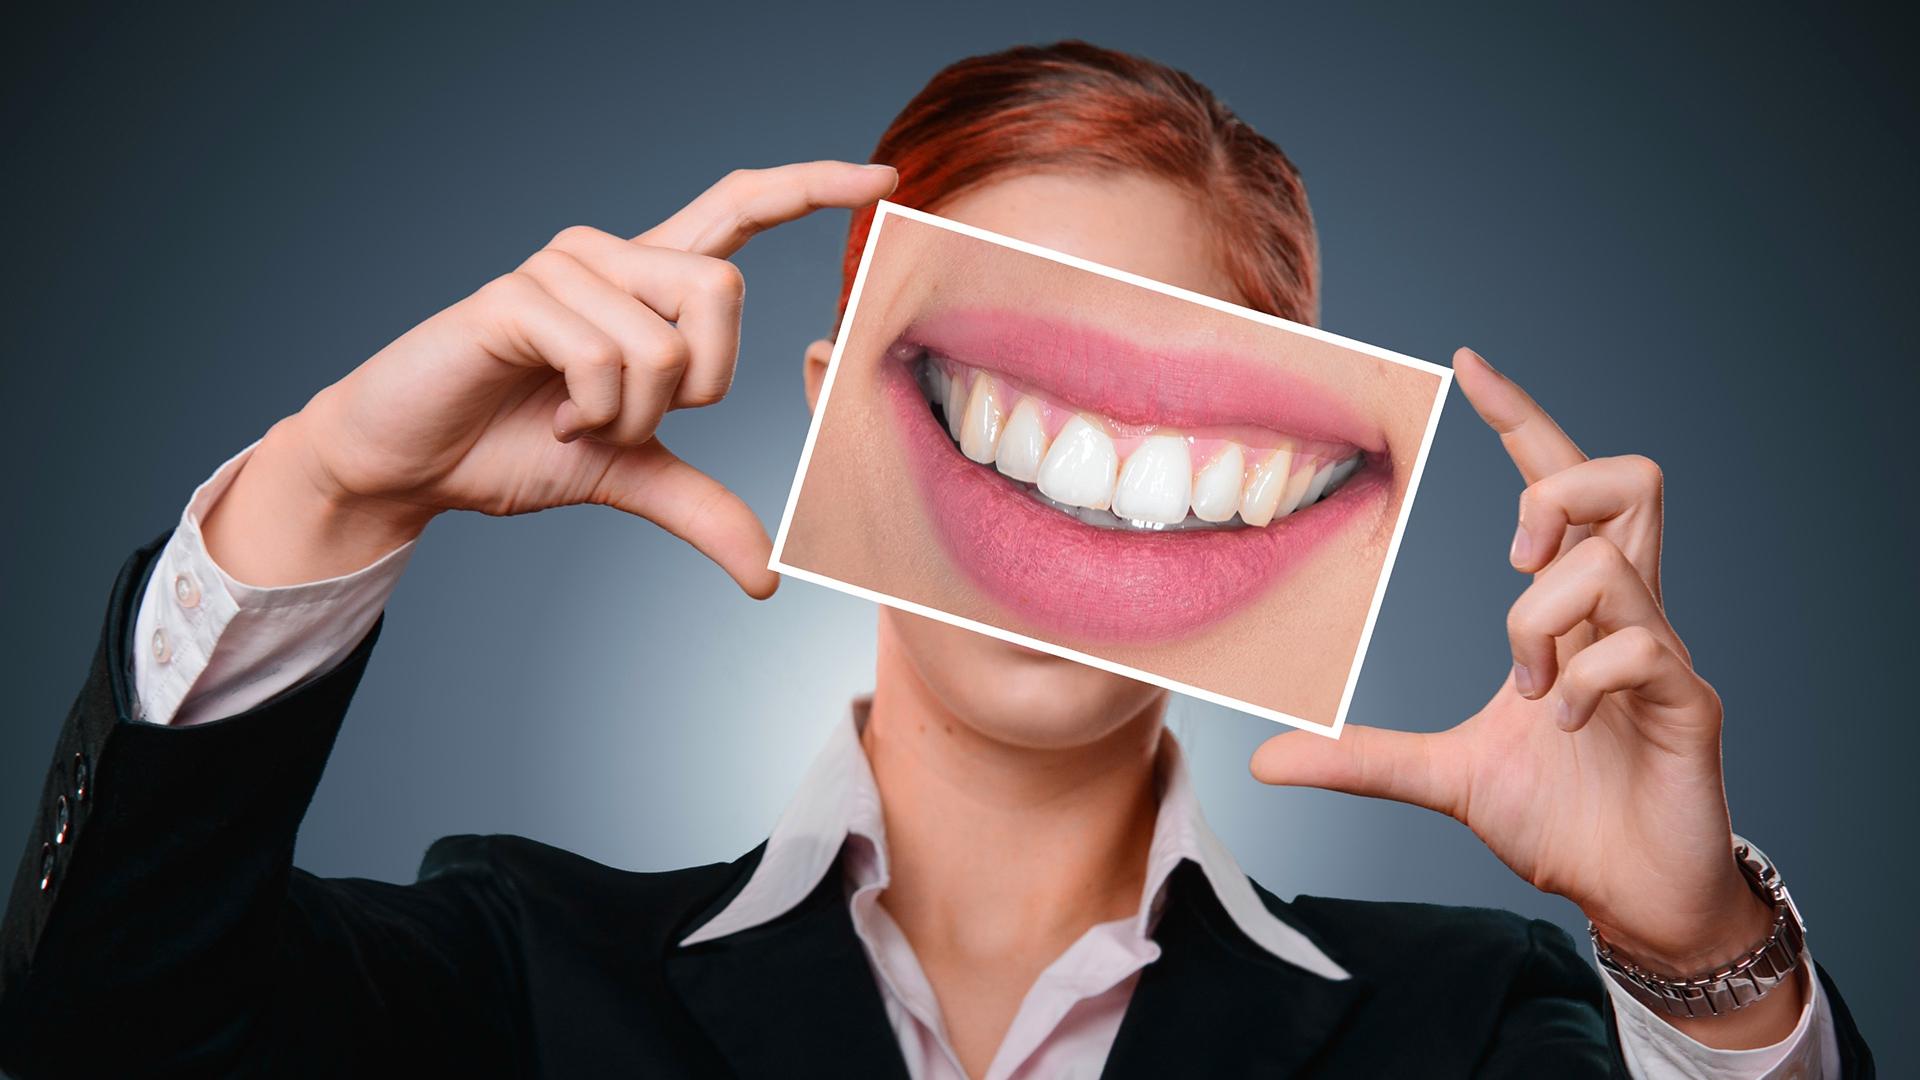 Zink gehört zu den essentiellen Spurenelementen und ist für die Gesundheit unverzichtbar. Weniger bekannt ist, dass es auch für die Mundgesundheit, für gesunde Zähne und das Zahnfleisch, eine wichtige Rolle spielt.